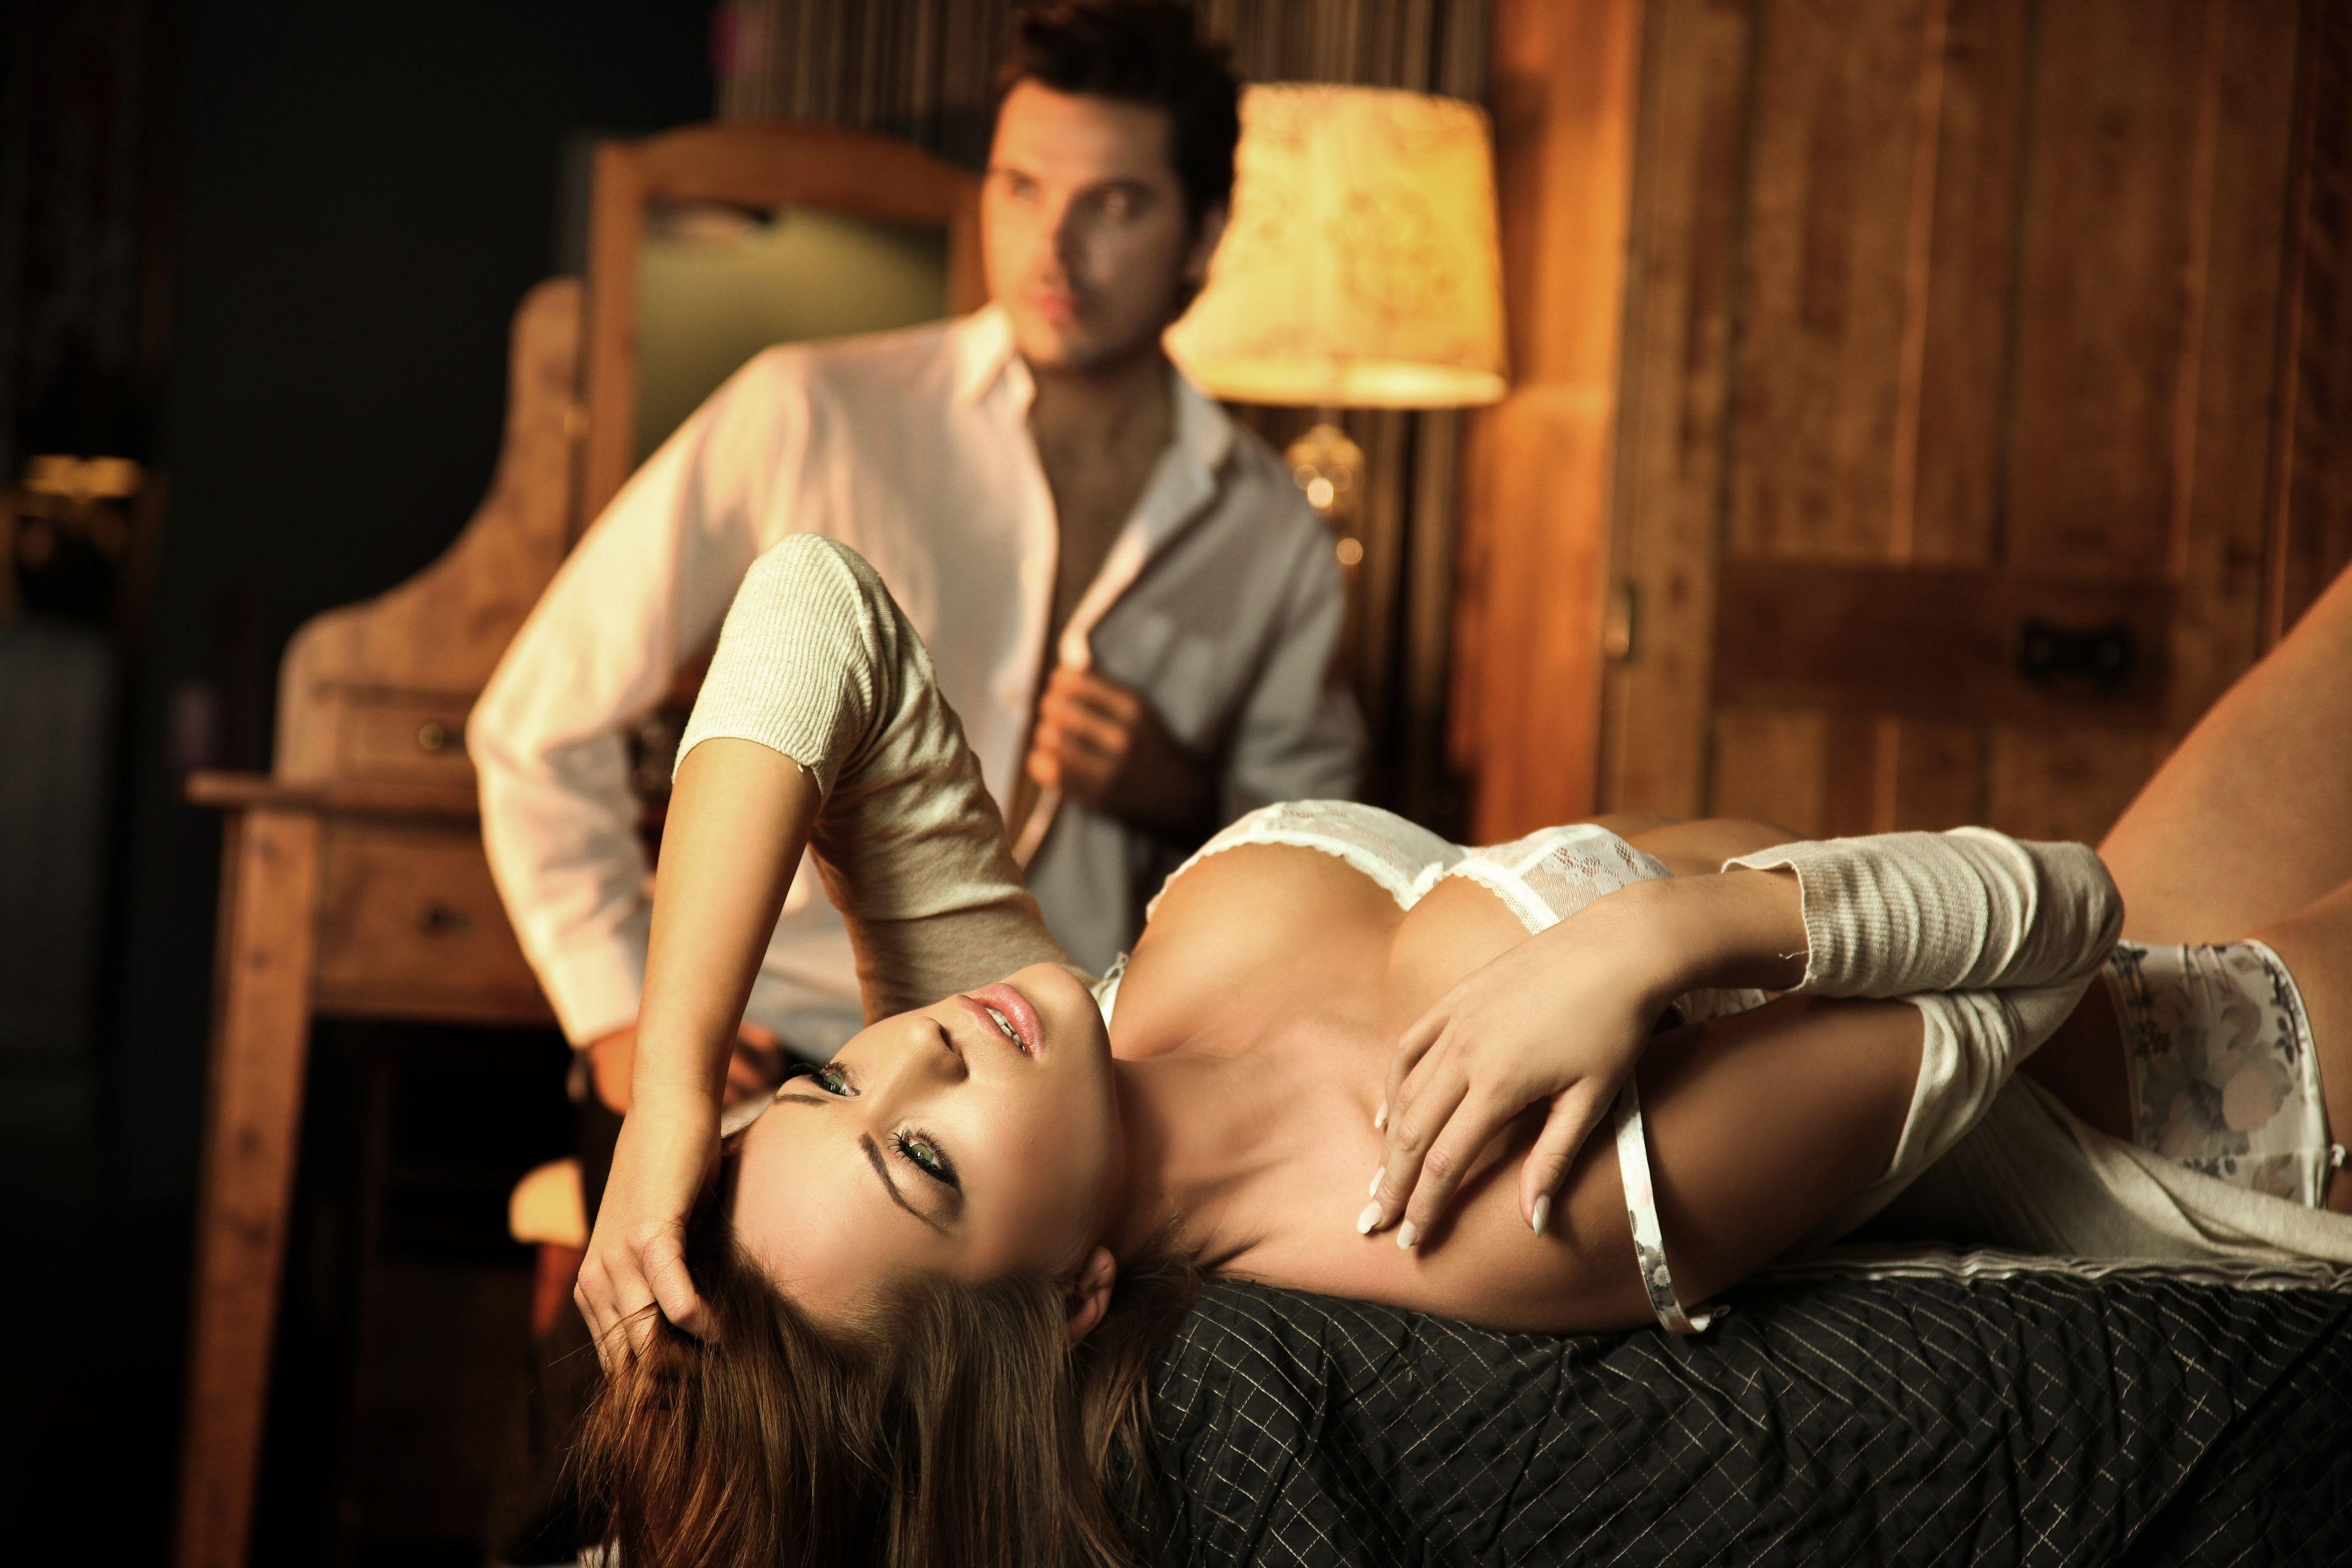 Сладострастная сексуальность смотреть онлайн 14 фотография